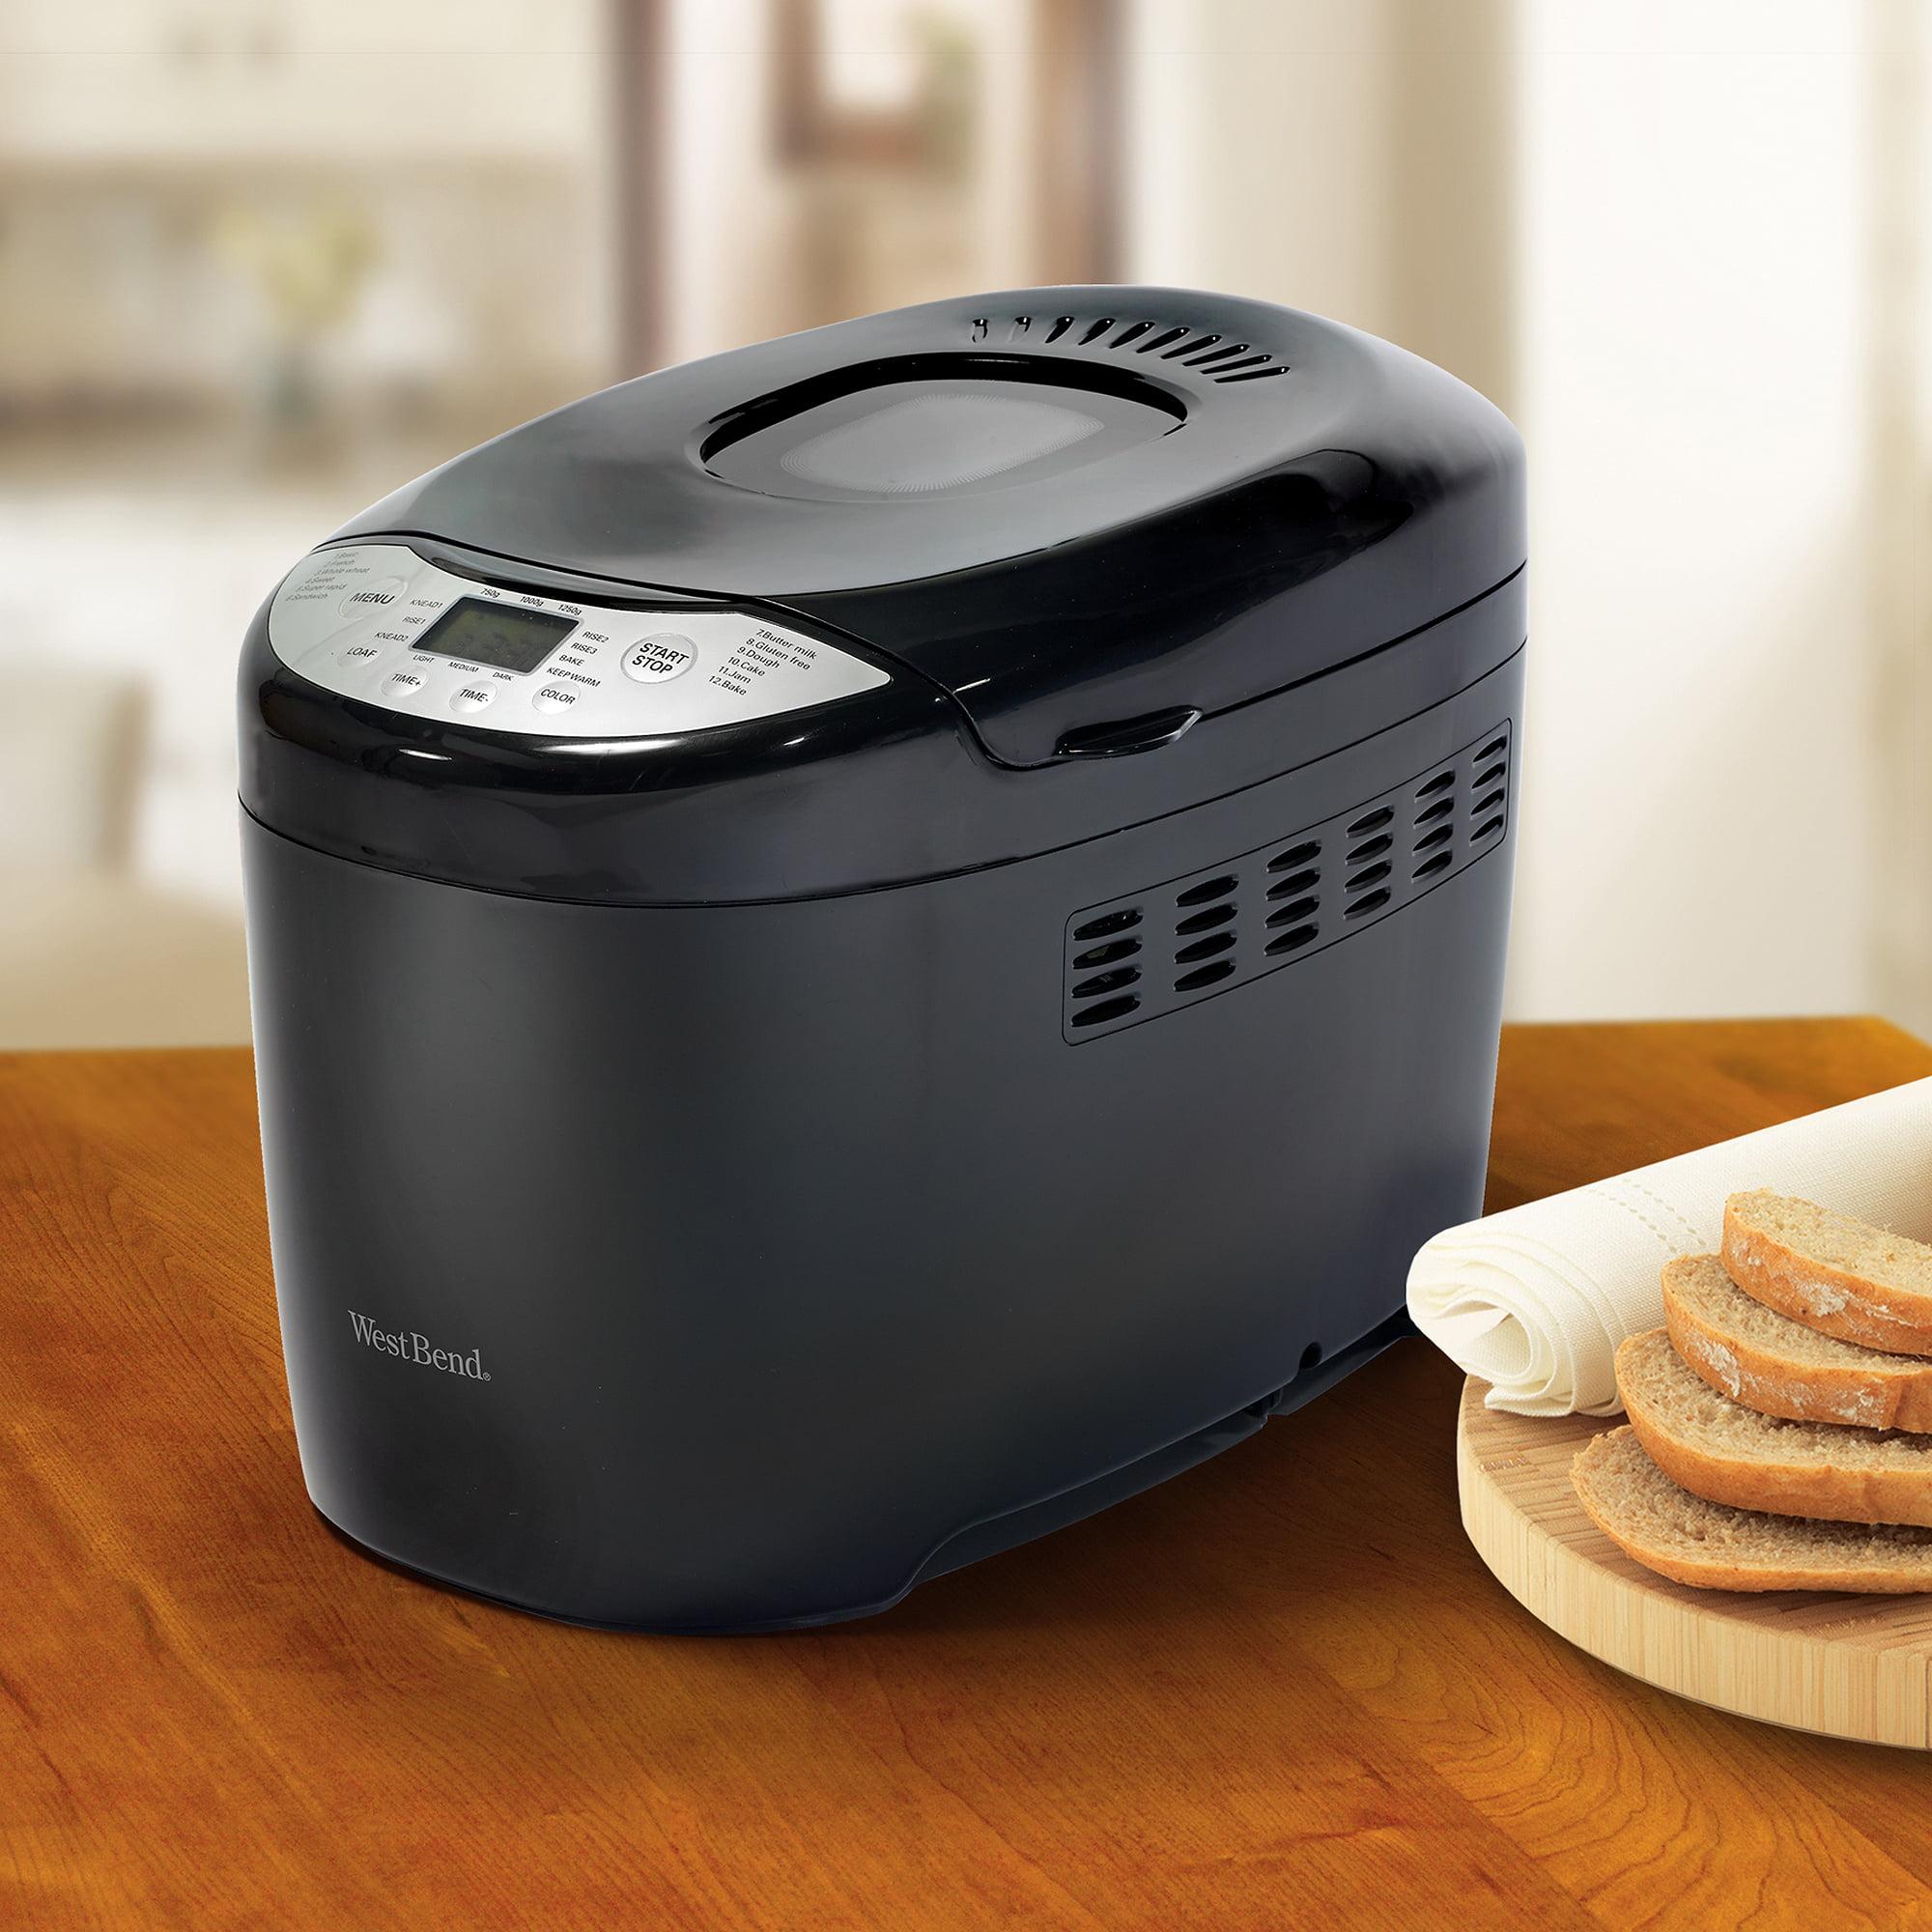 West Bend 2.5-lb Loaf Capacity Hi-Rise Breadmaker